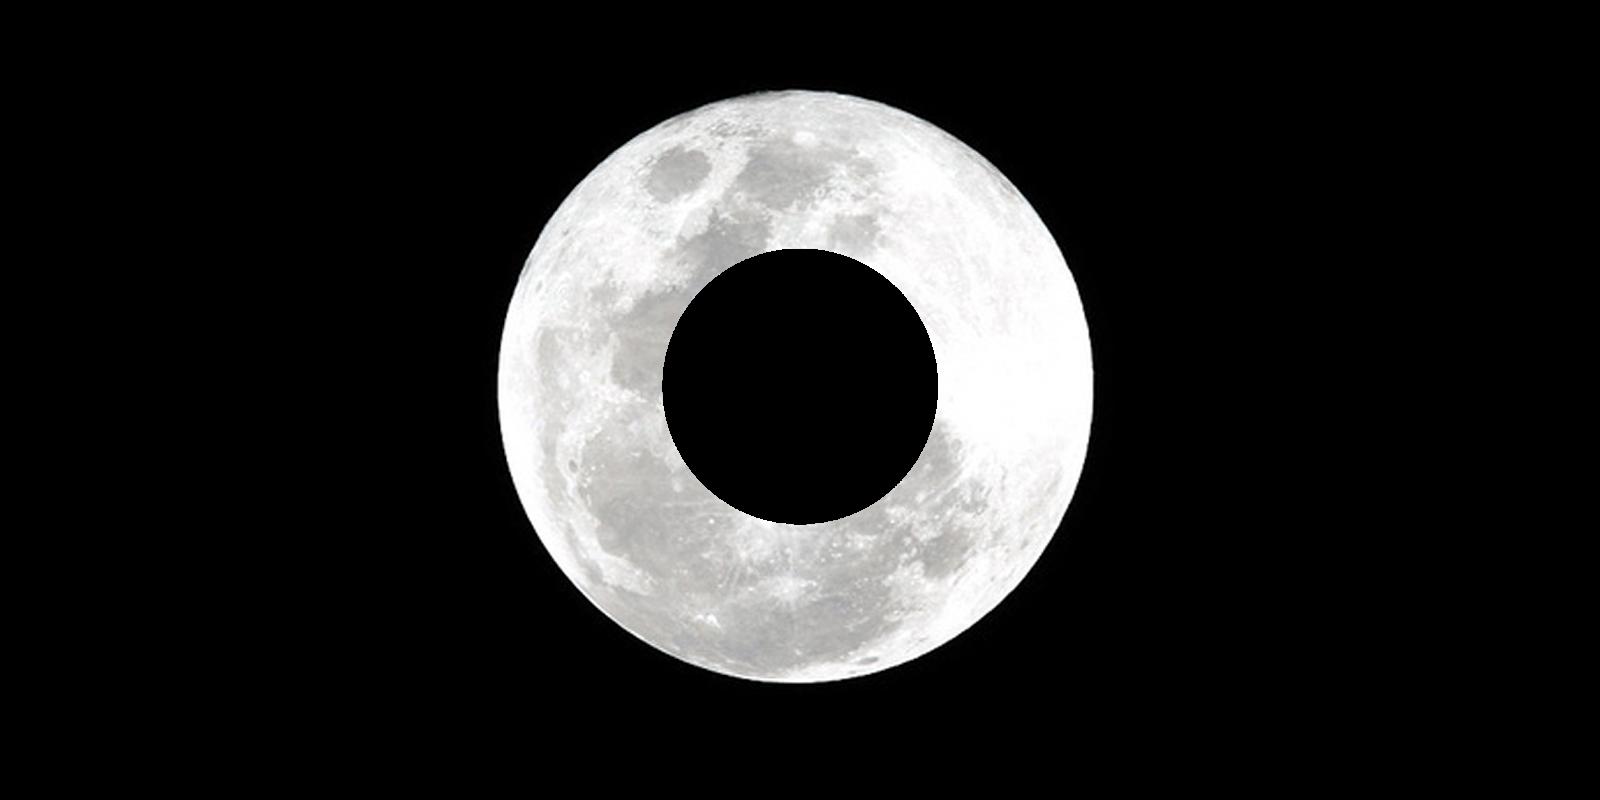 Moons circ 1.png